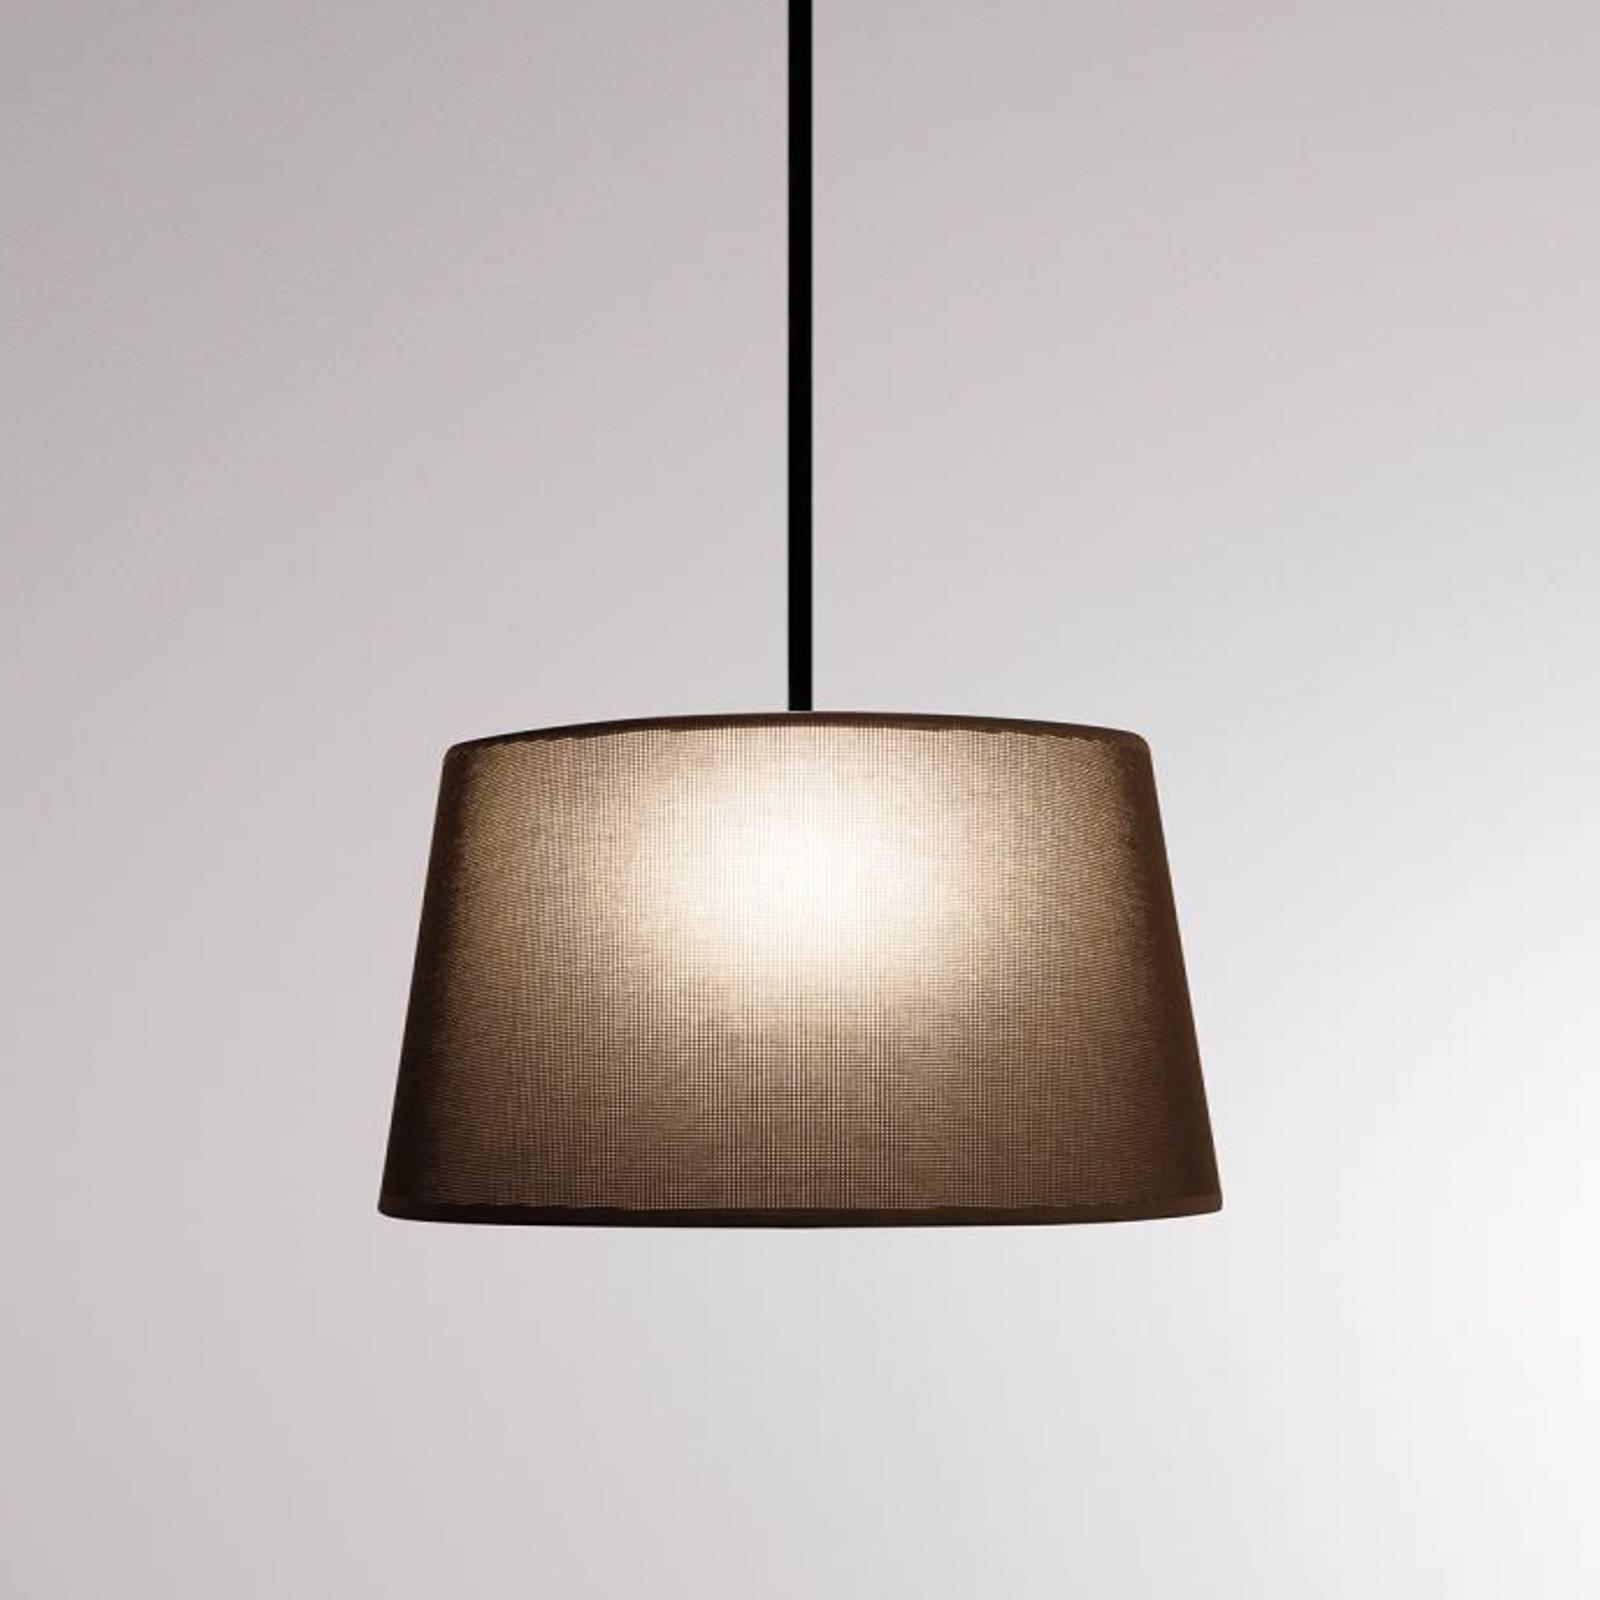 LOUM Bivio hanglamp Ø 50 cm kap bruin